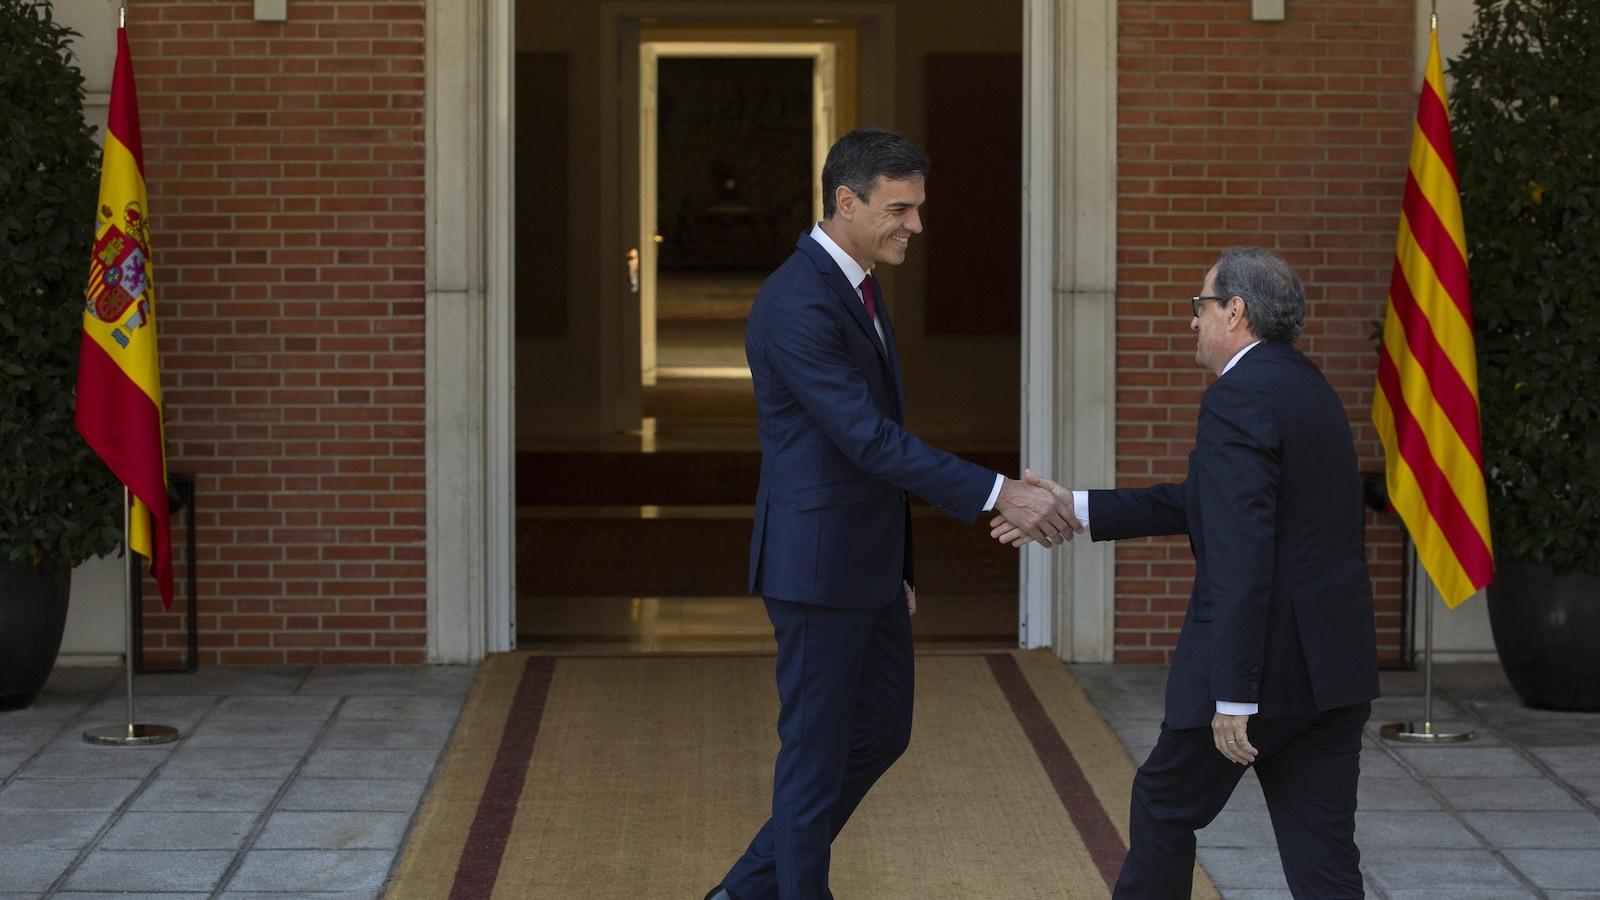 Le président du gouvernement espagnol Pedro Sanchez accueille le président catalan Quim Torra.